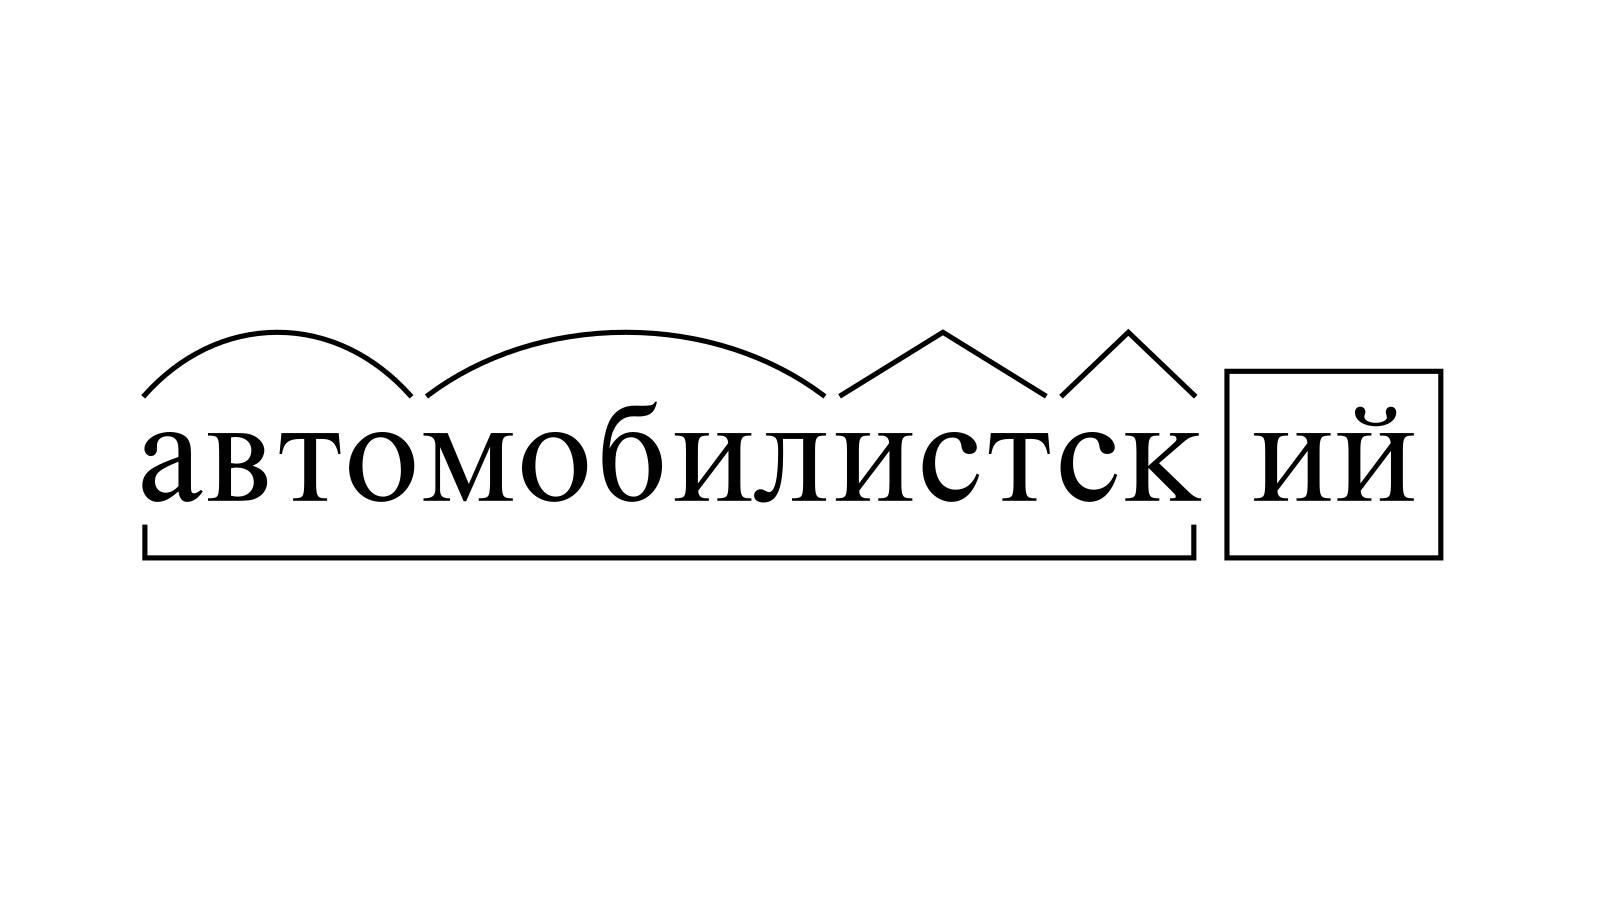 Разбор слова «автомобилистский» по составу